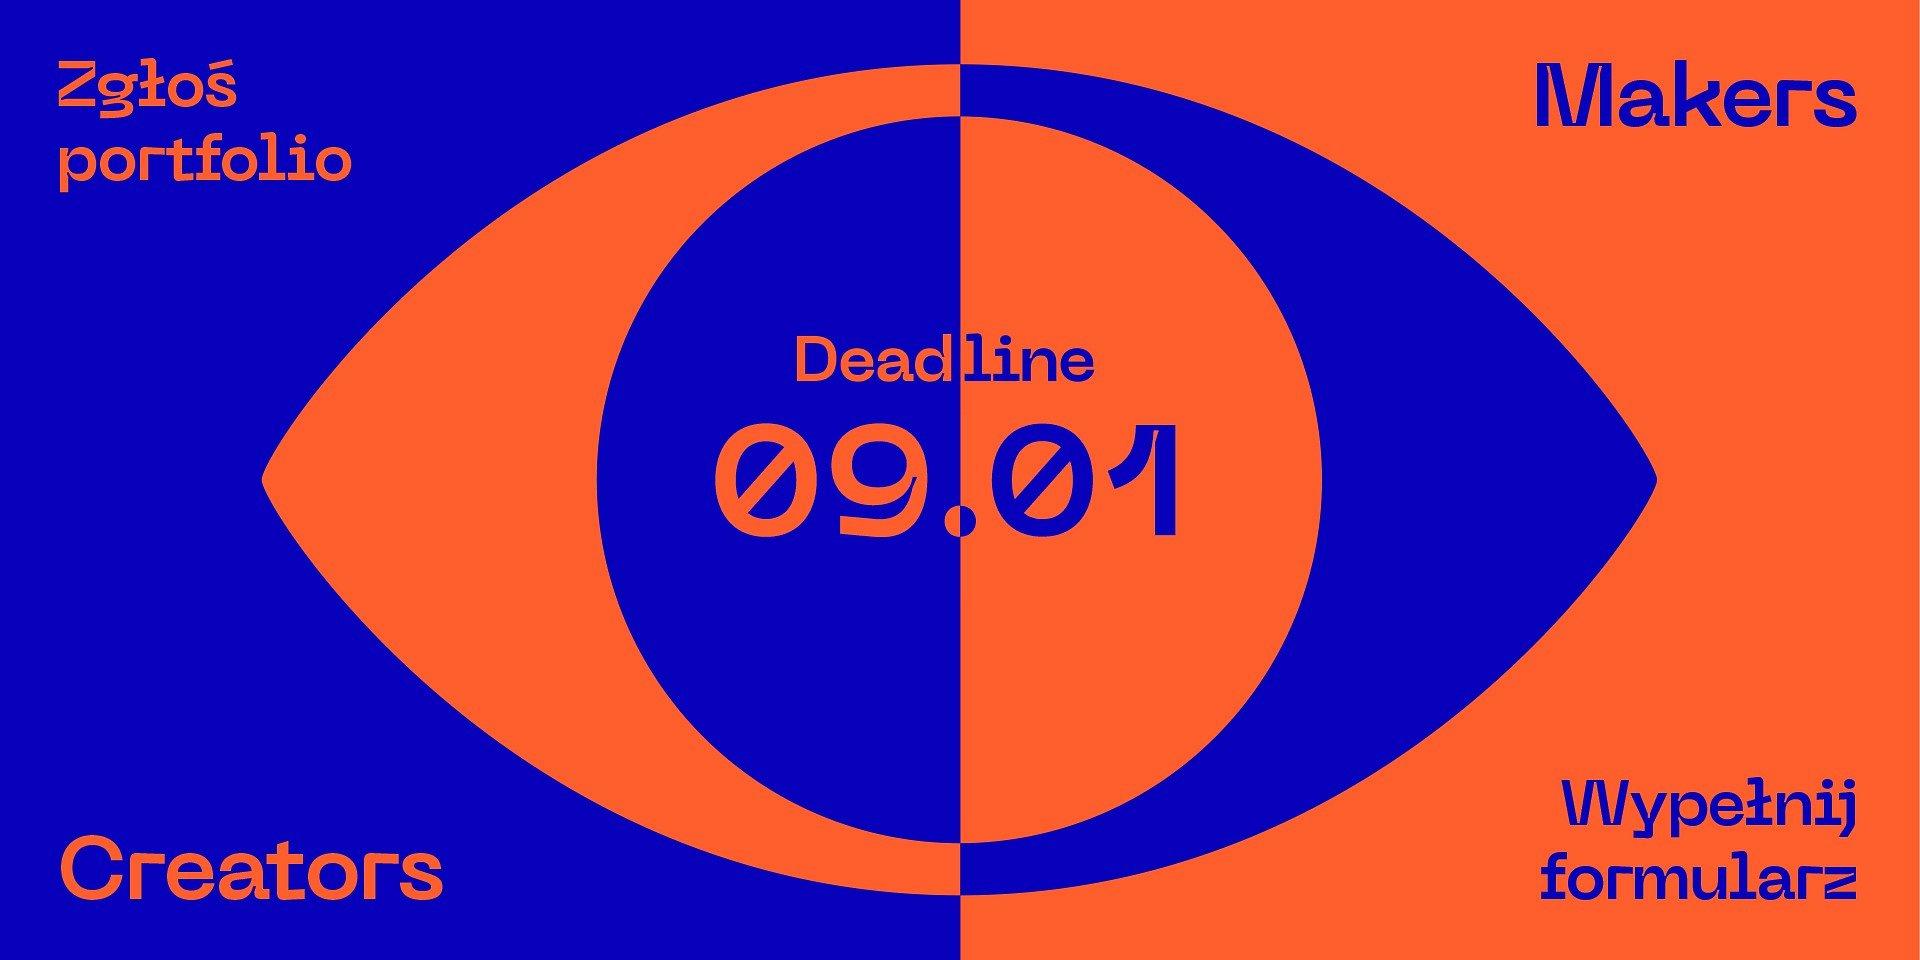 Nie ma co płakać za starym deadlinem. Przedłużamy zgłoszenia do przeglądu See&Say do 9 stycznia.